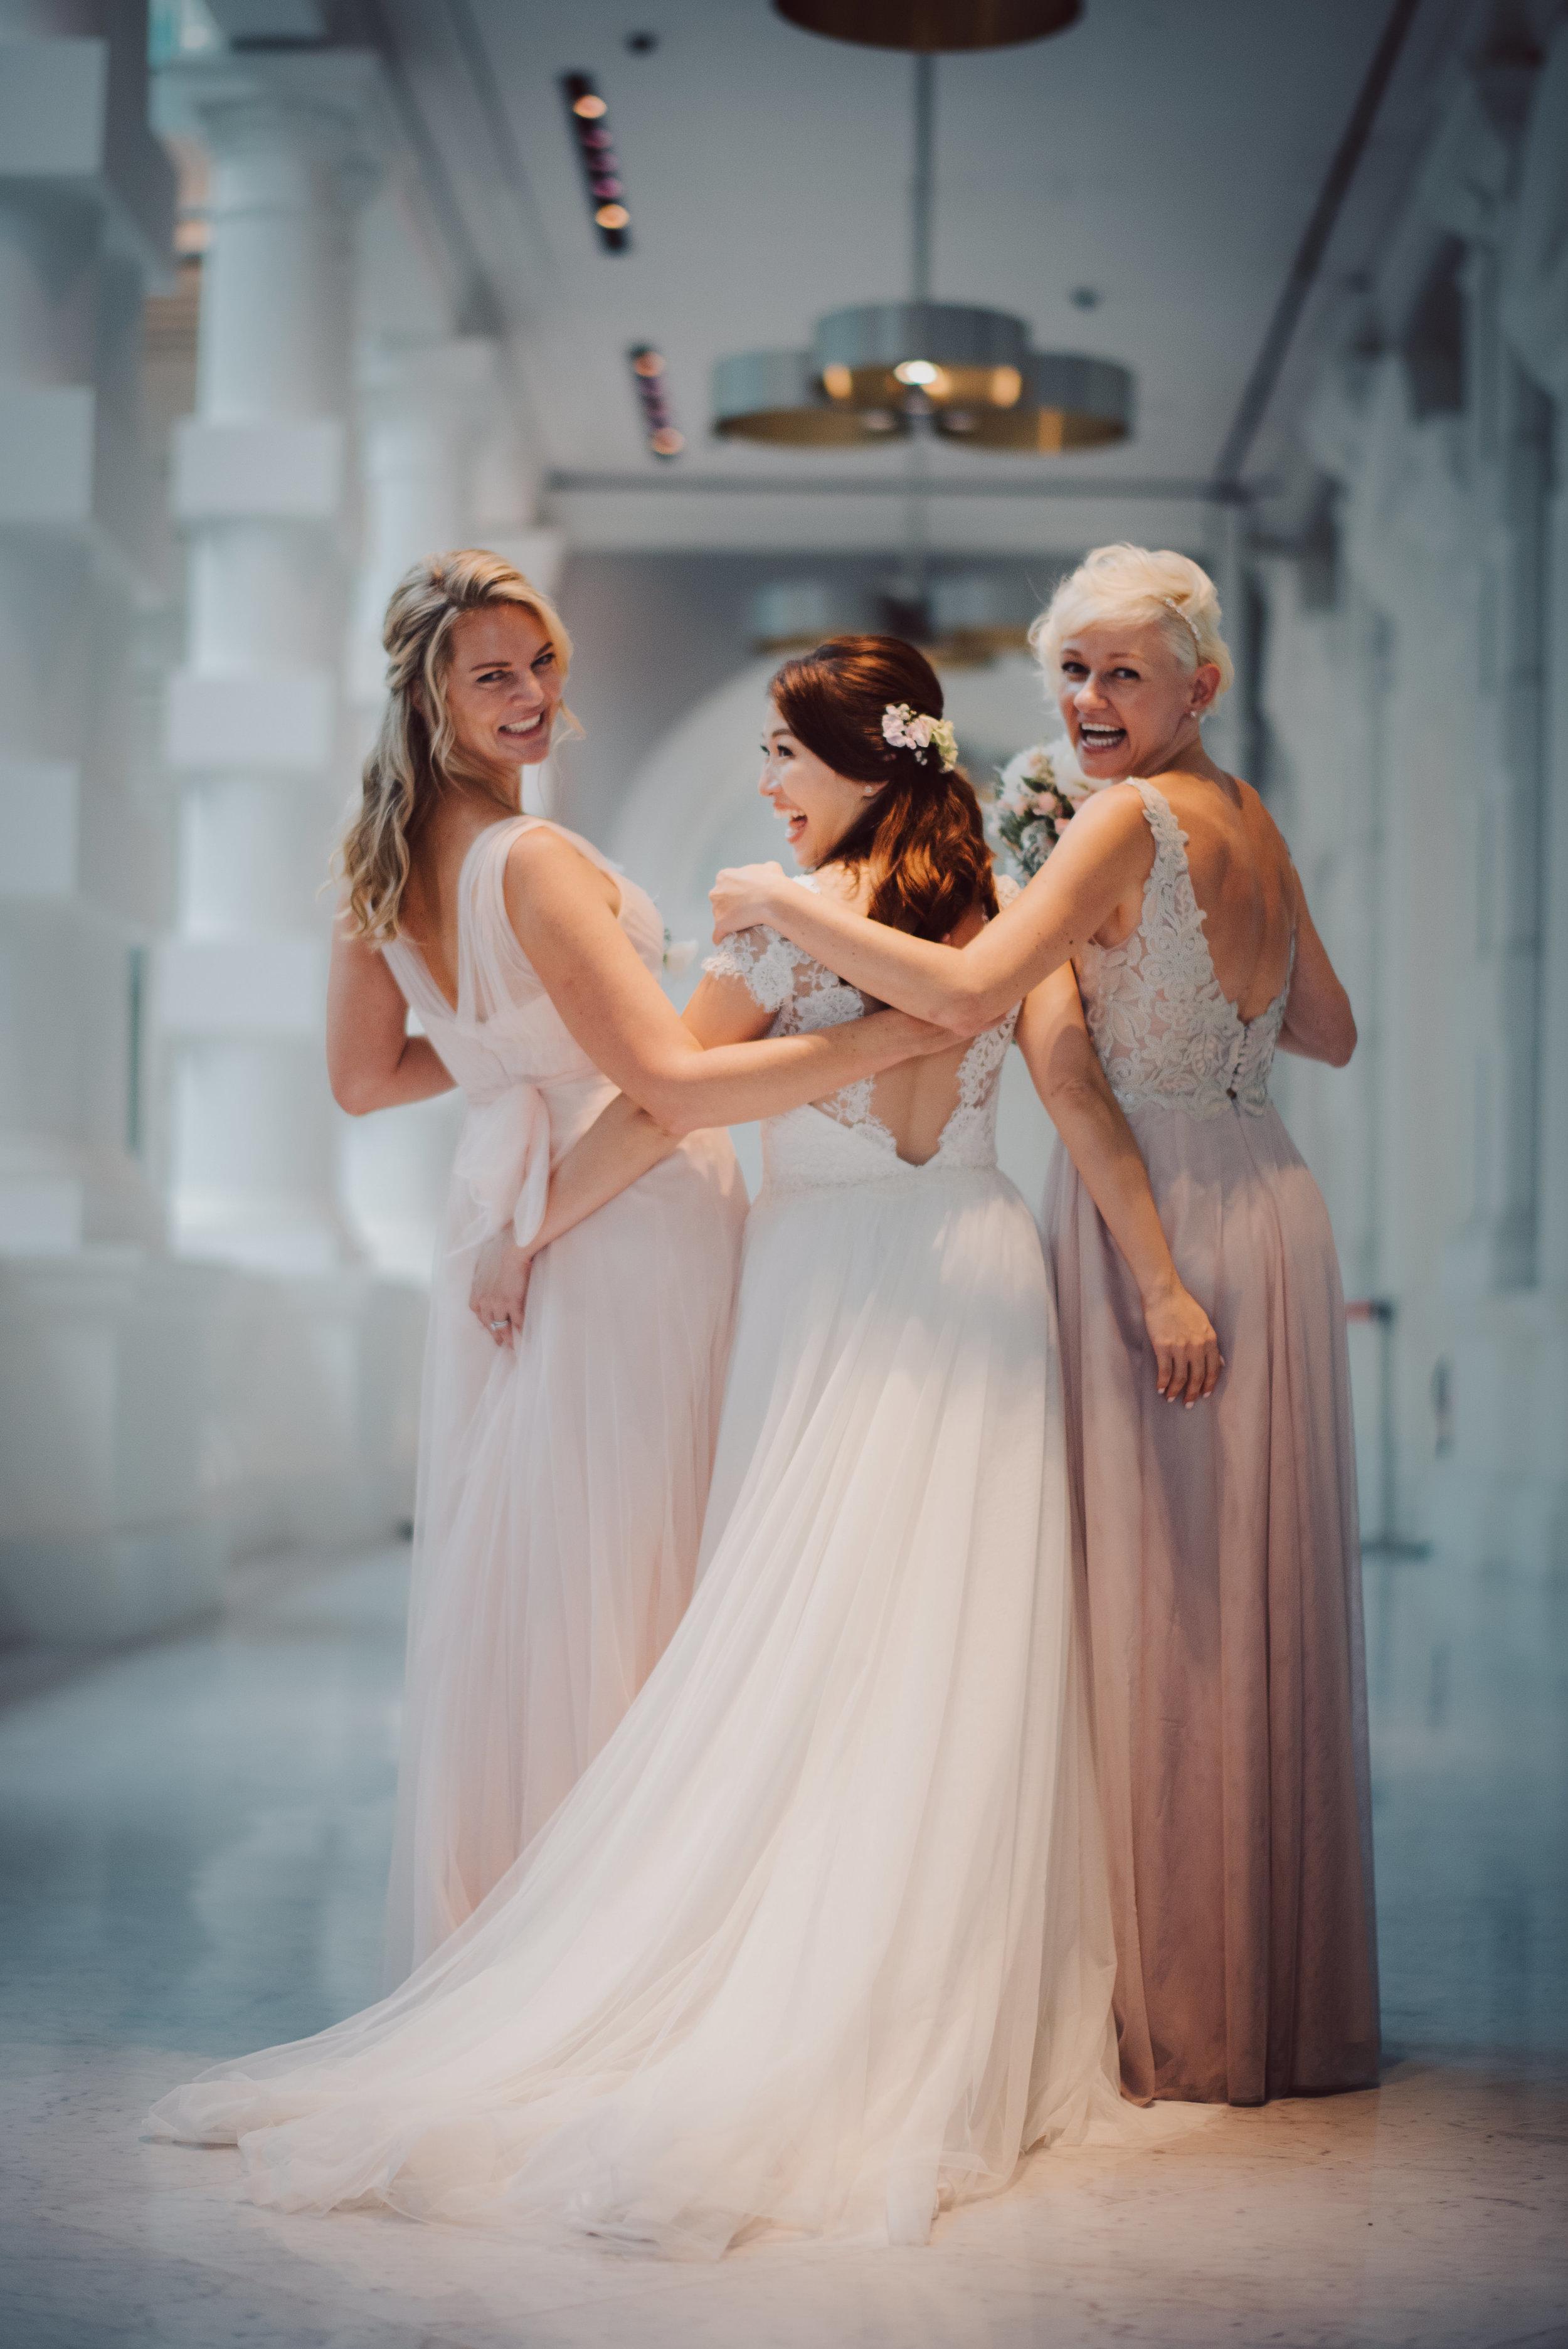 Germaine & Bridesmaids-3.jpg